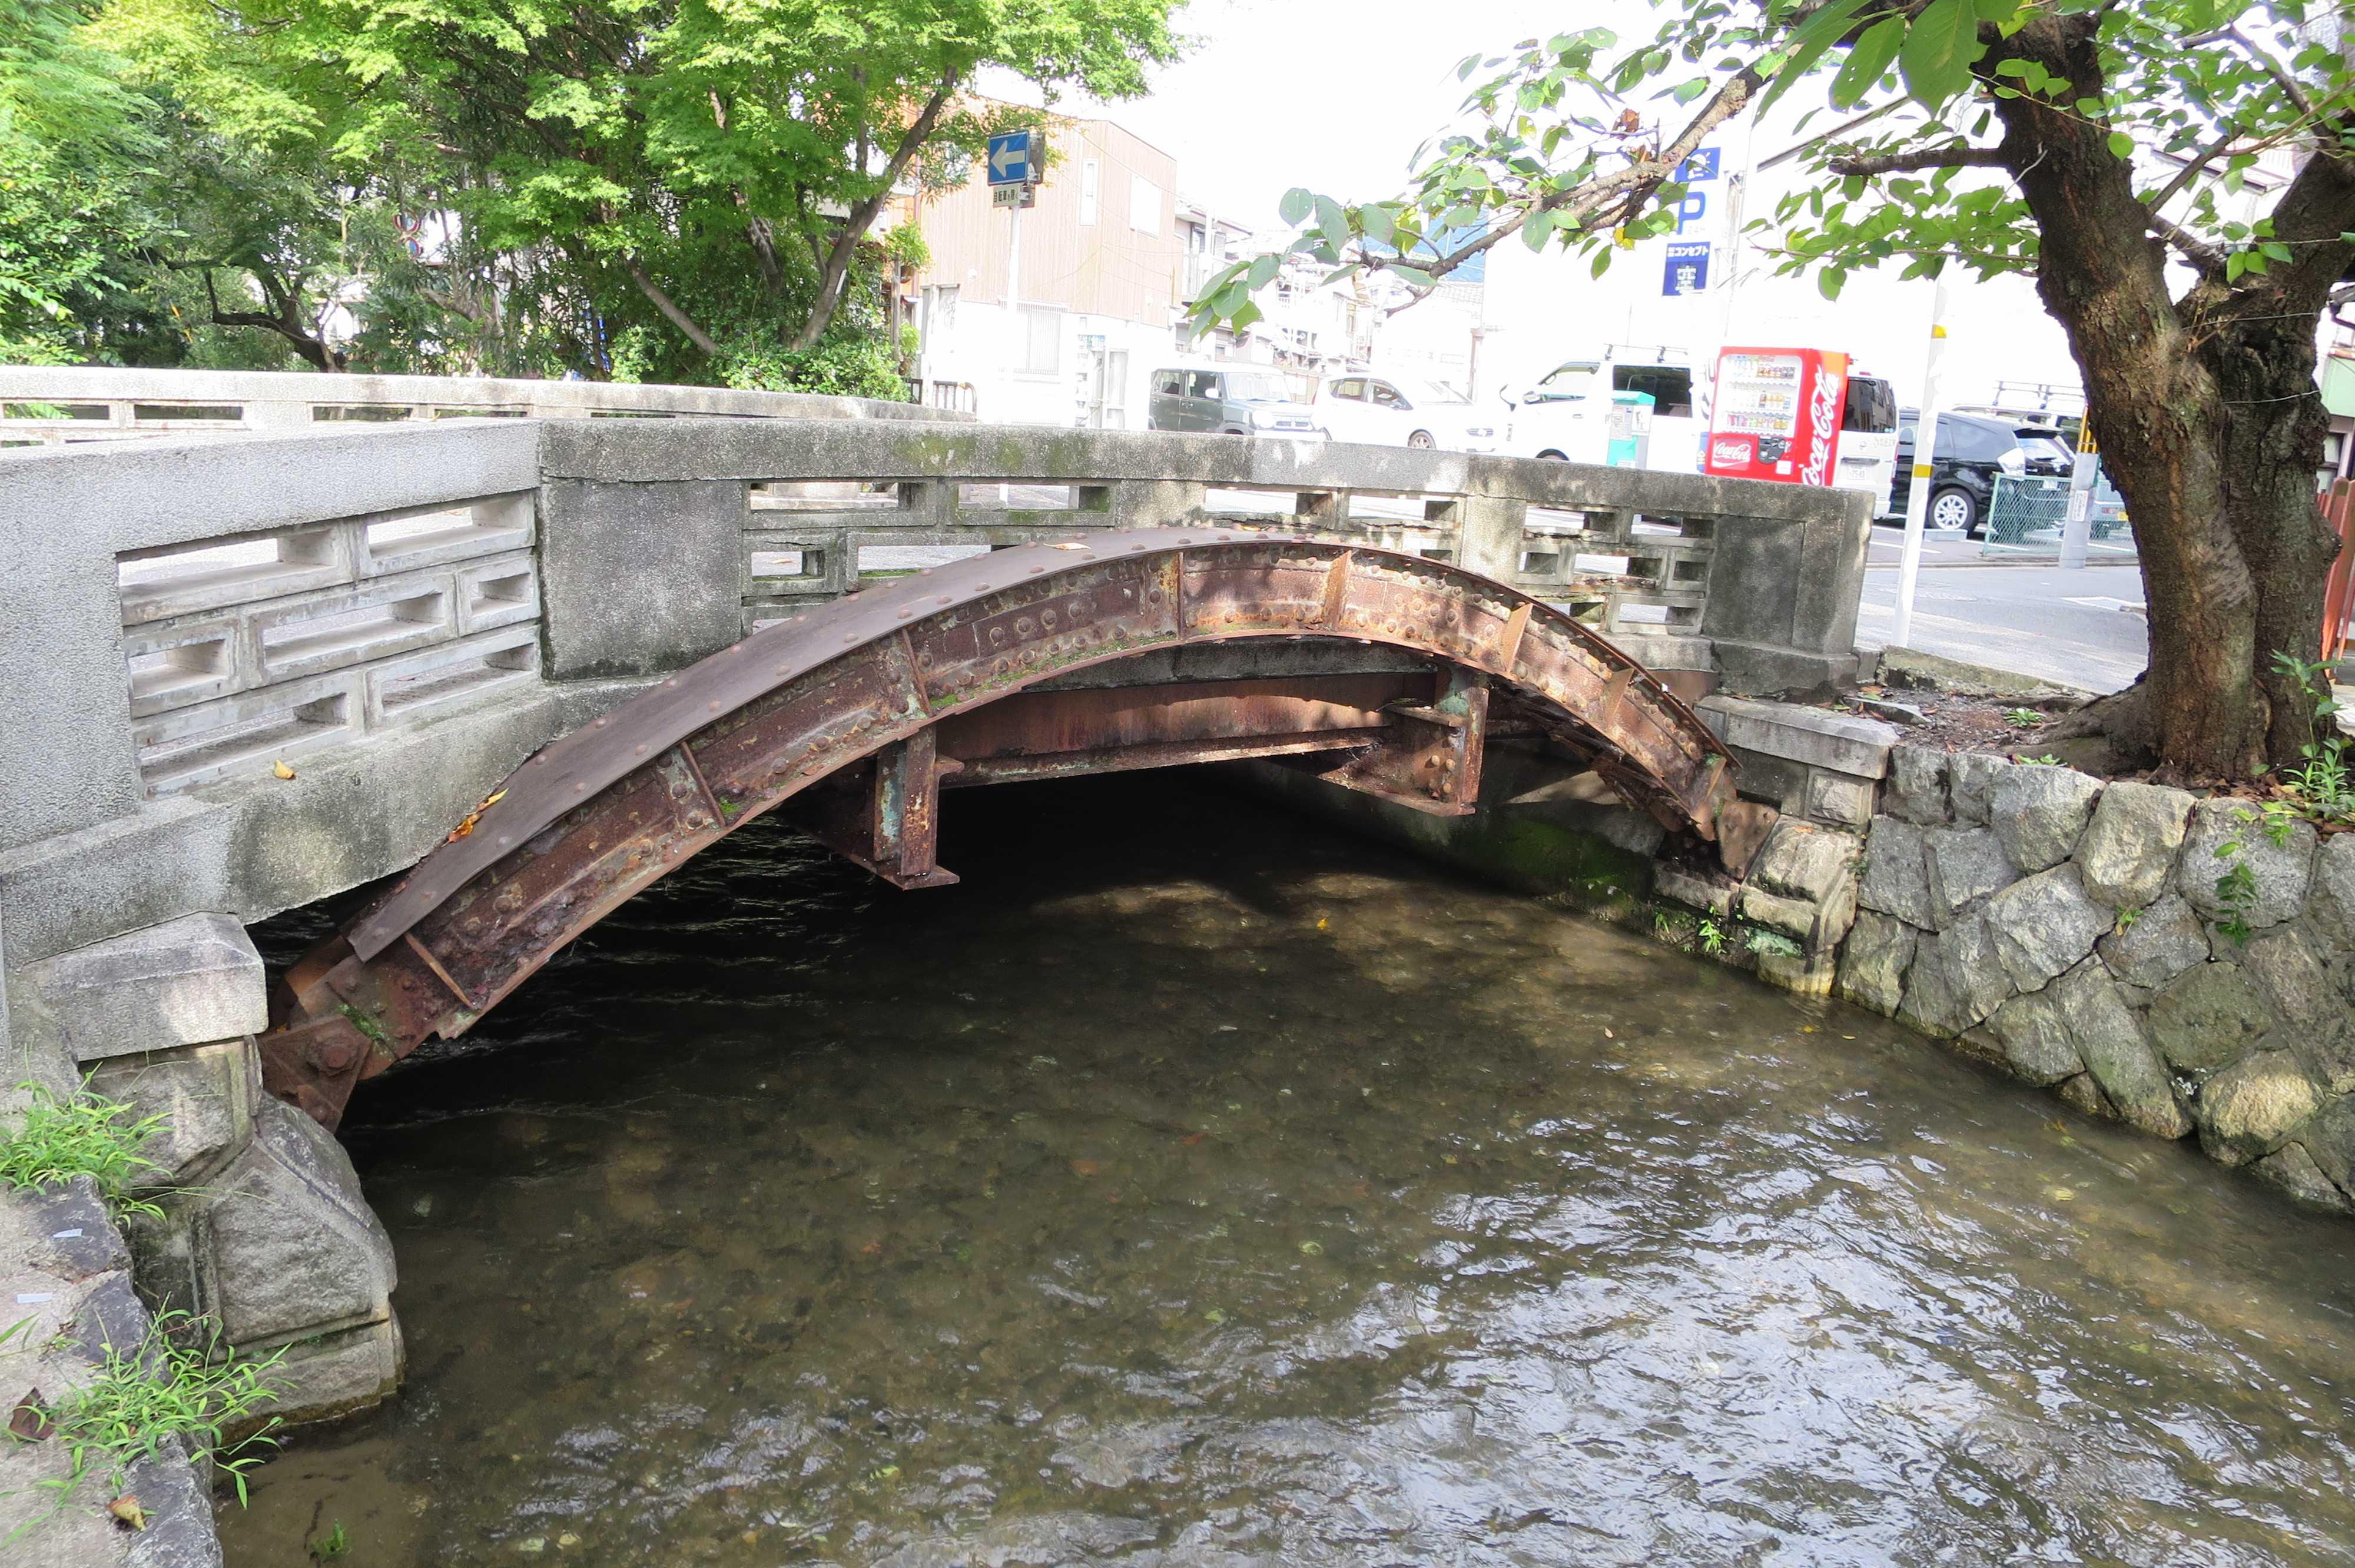 京都・五条楽園 - 鋼アーチ橋(中路アーチ橋)の六軒橋